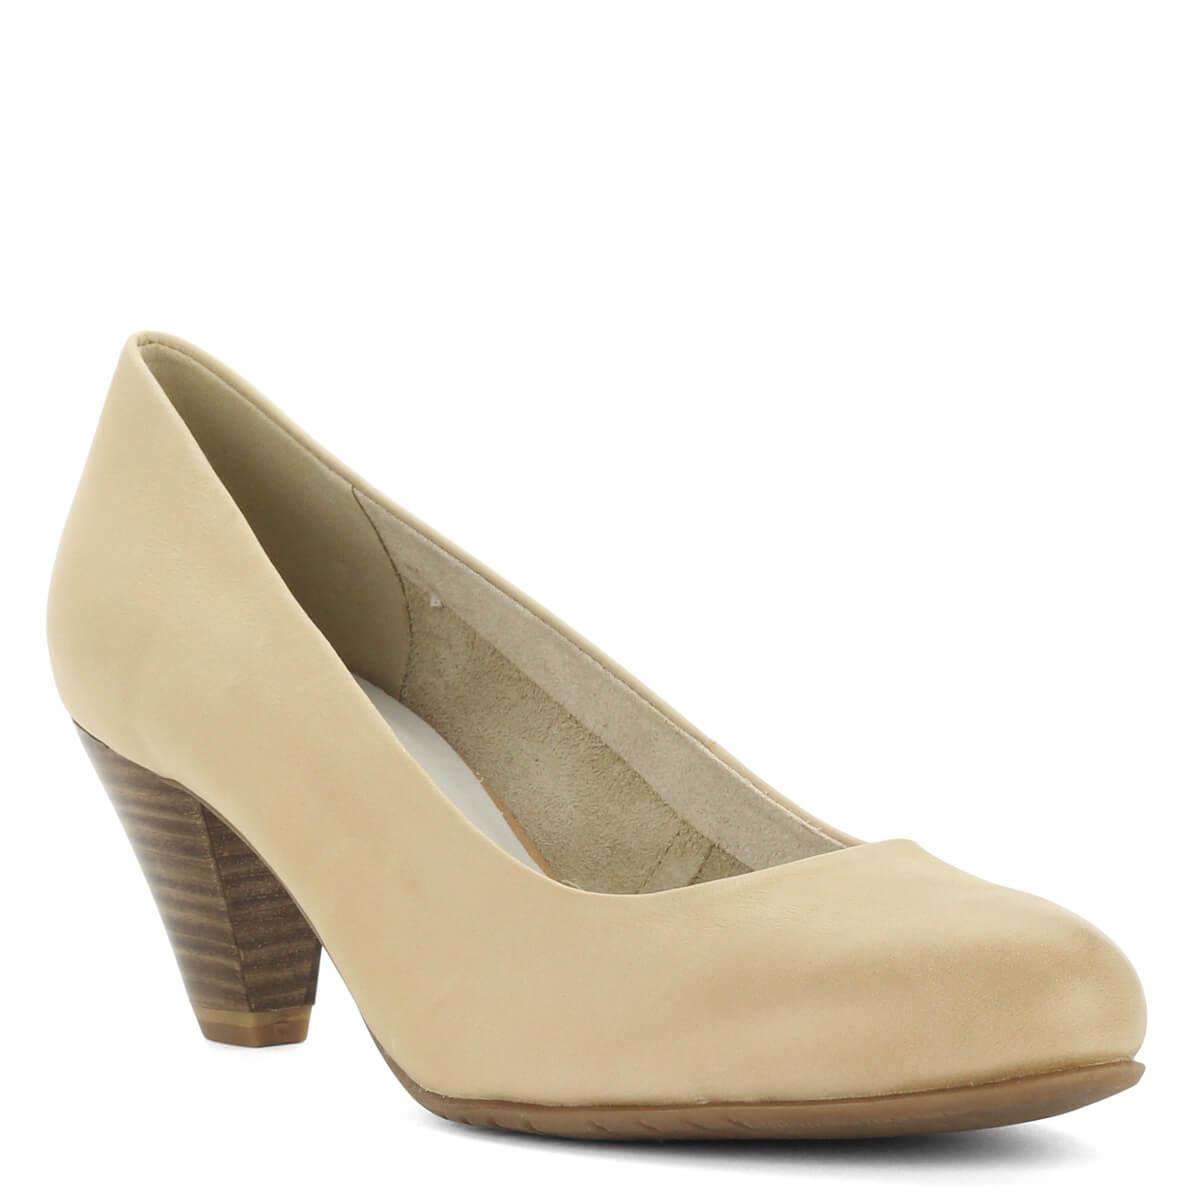 ... Bézs Tamaris cipő Antishokk sarokkal. Közepes magasságú (6 cm) sarokkal  készült c486d5bec6